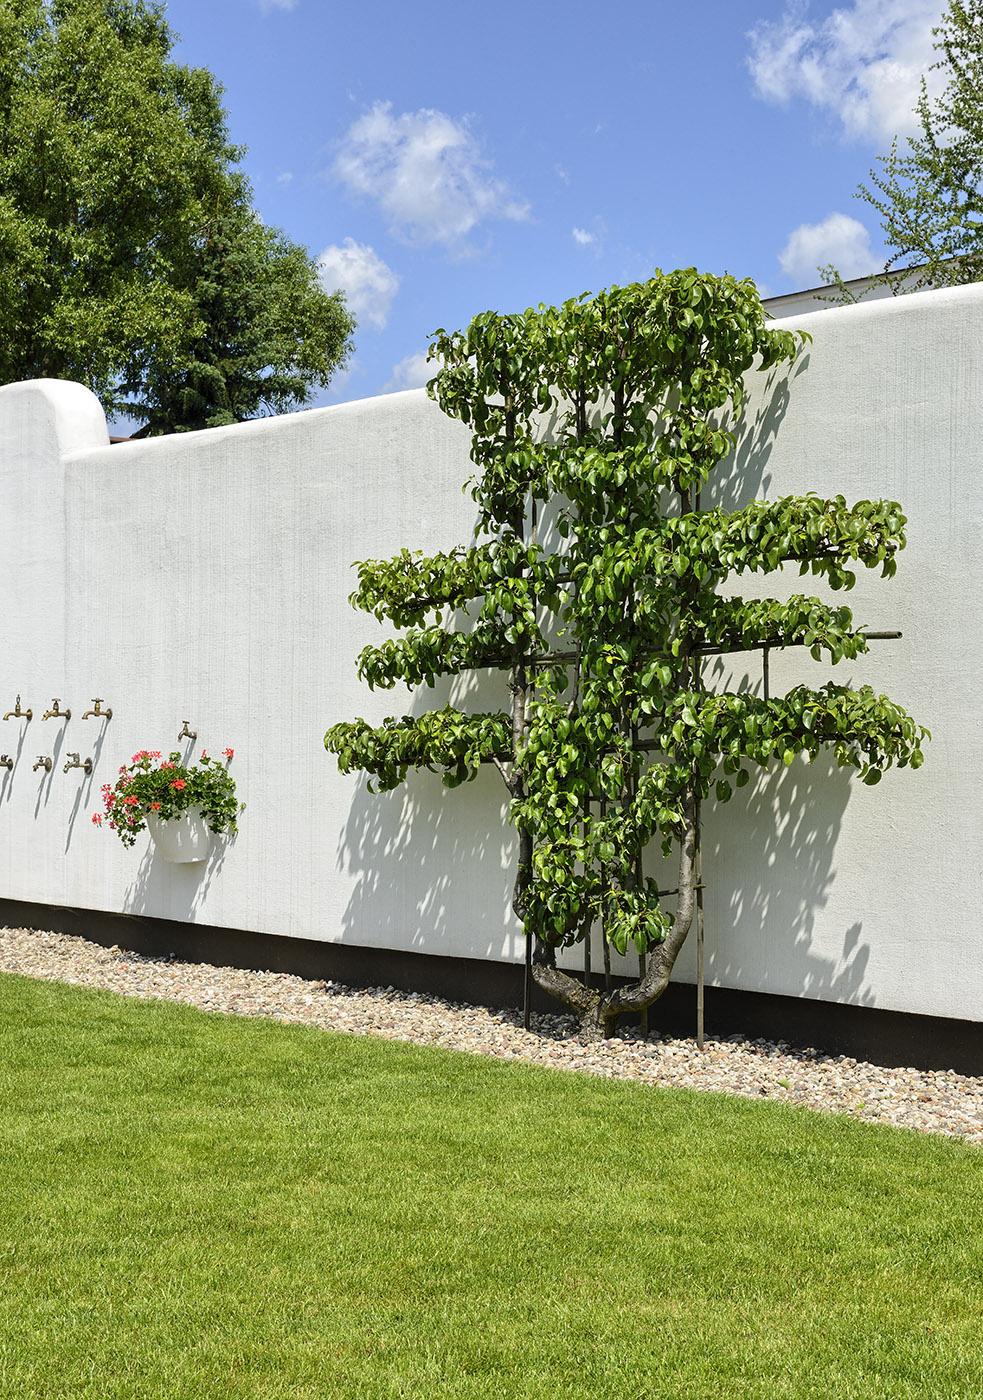 Ogrodnicze usługi